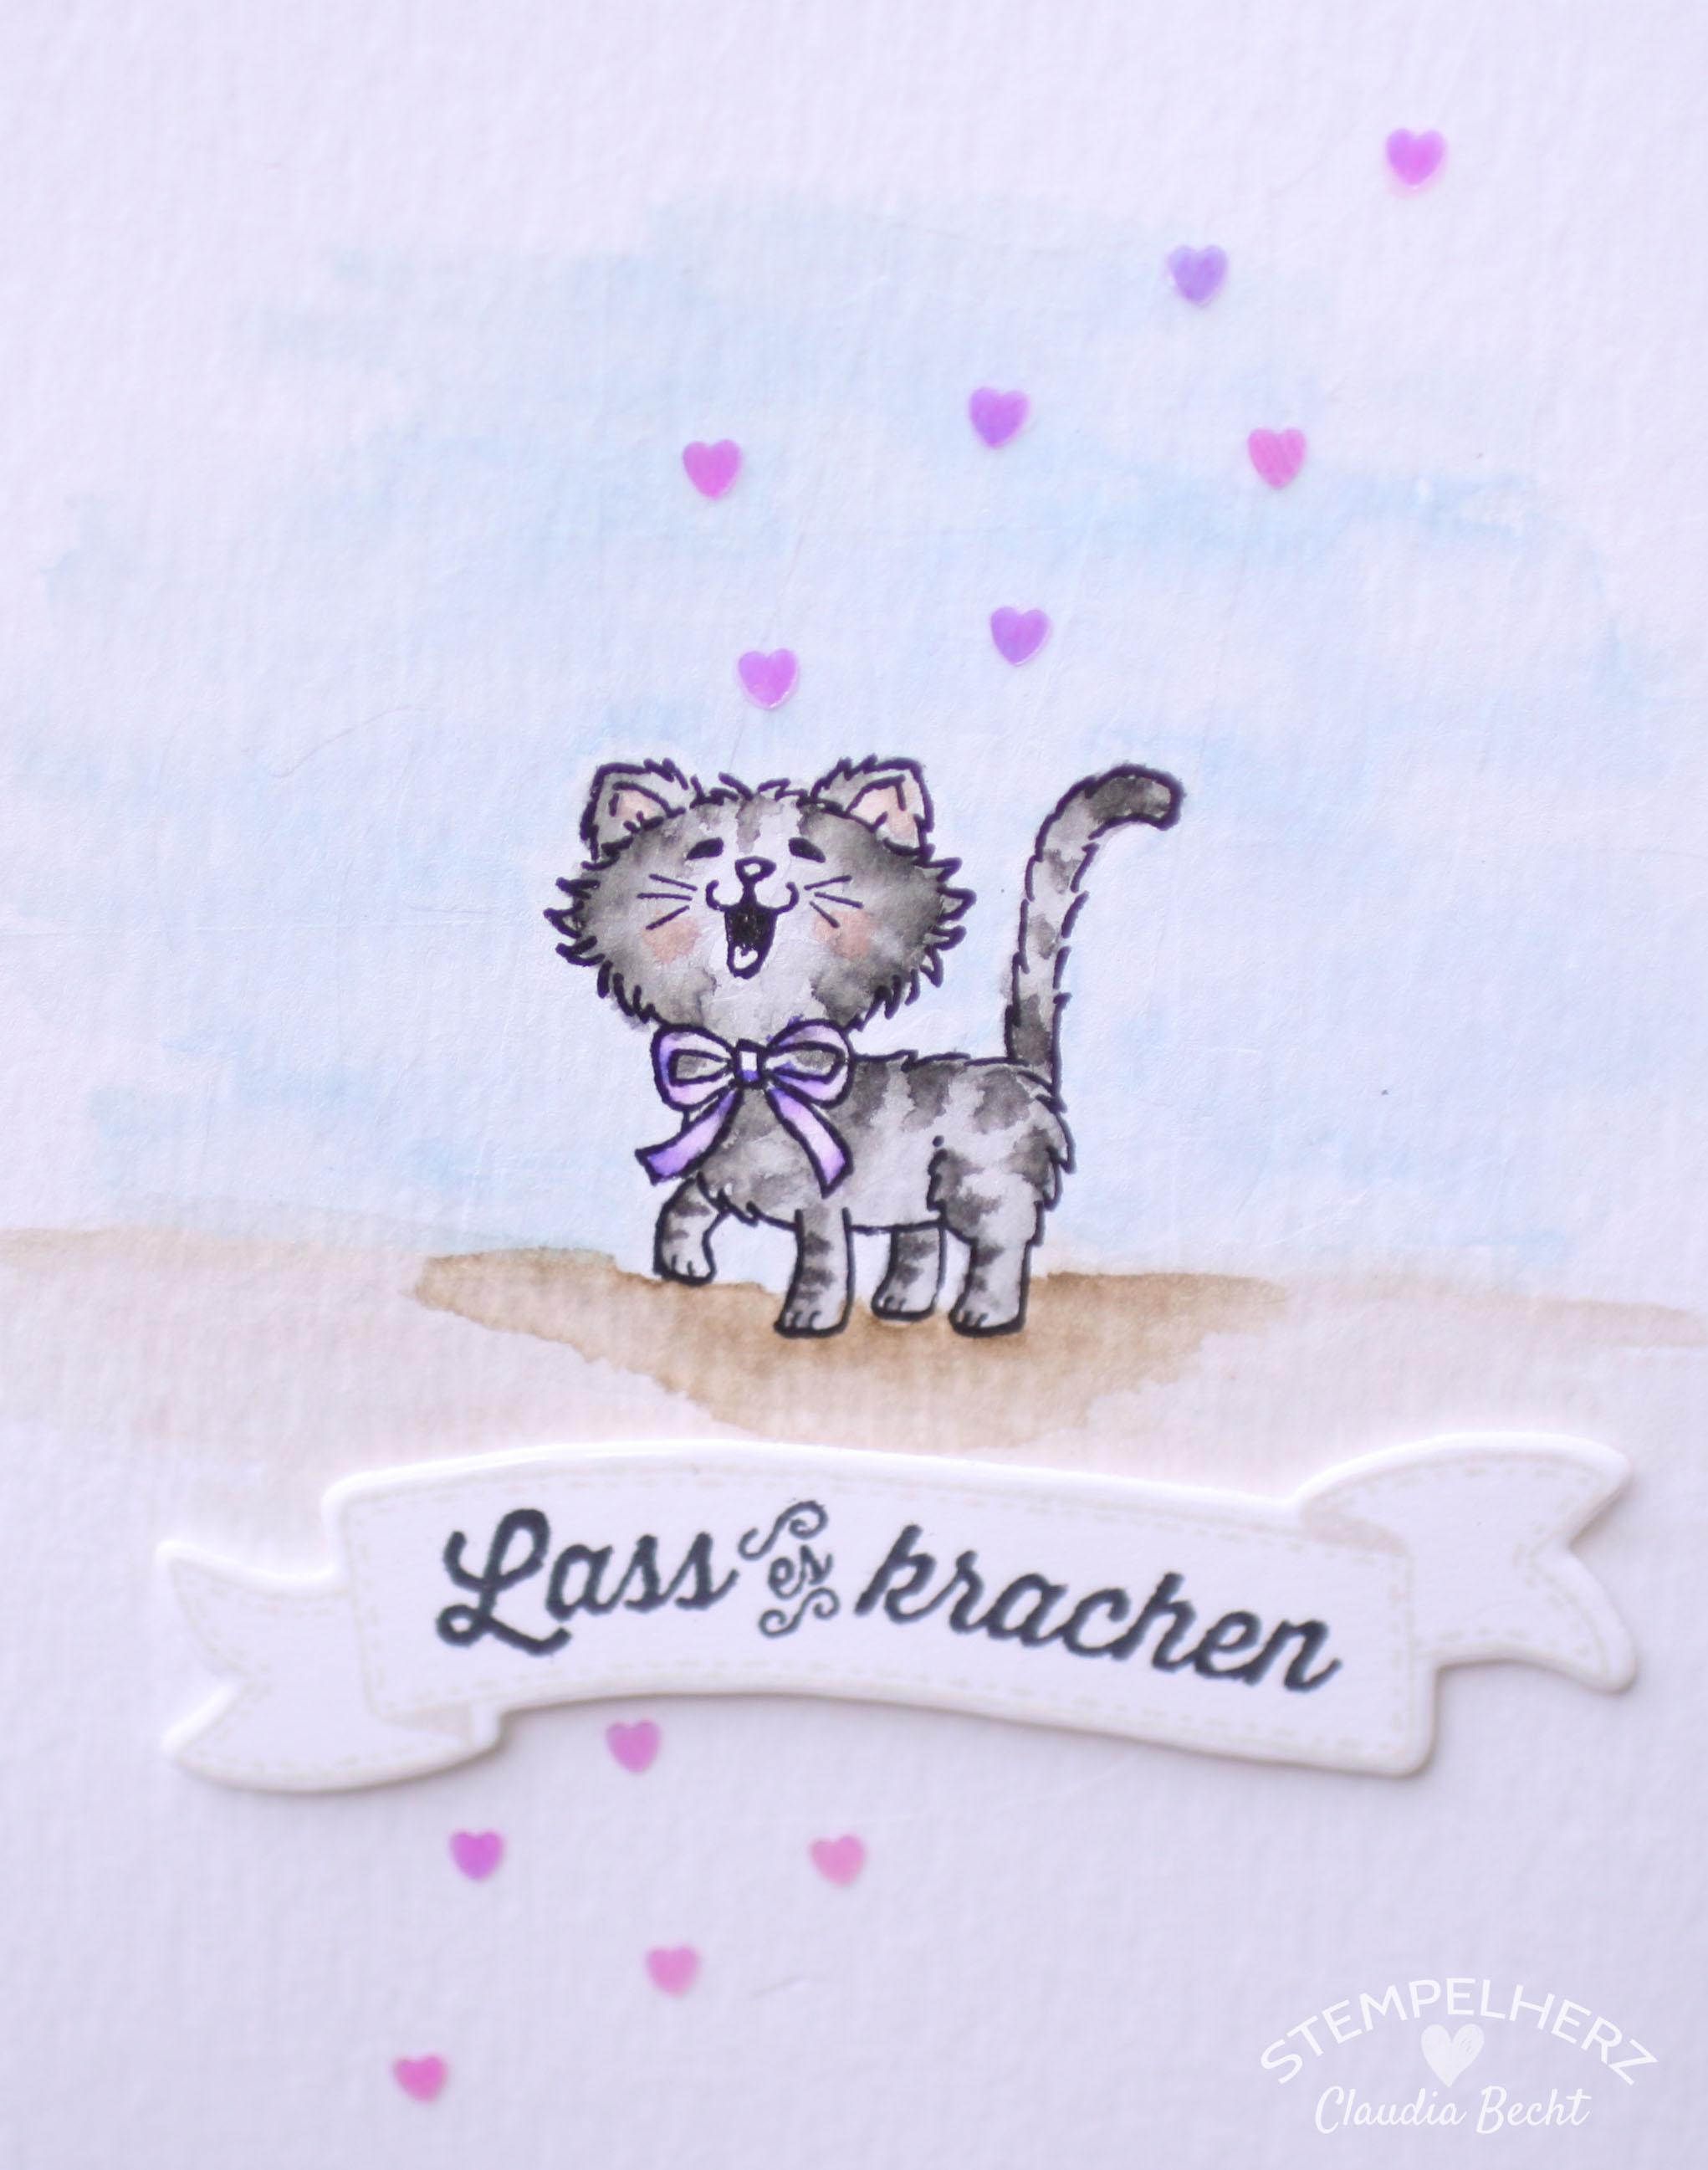 Stampin Up - Stempelherz - Geburtstagskarte - Aquarrell - Stempelset Geburtstagsbanner - Stempelset Pretty Kitty - Geburtstagskarte Lass es krachen 04